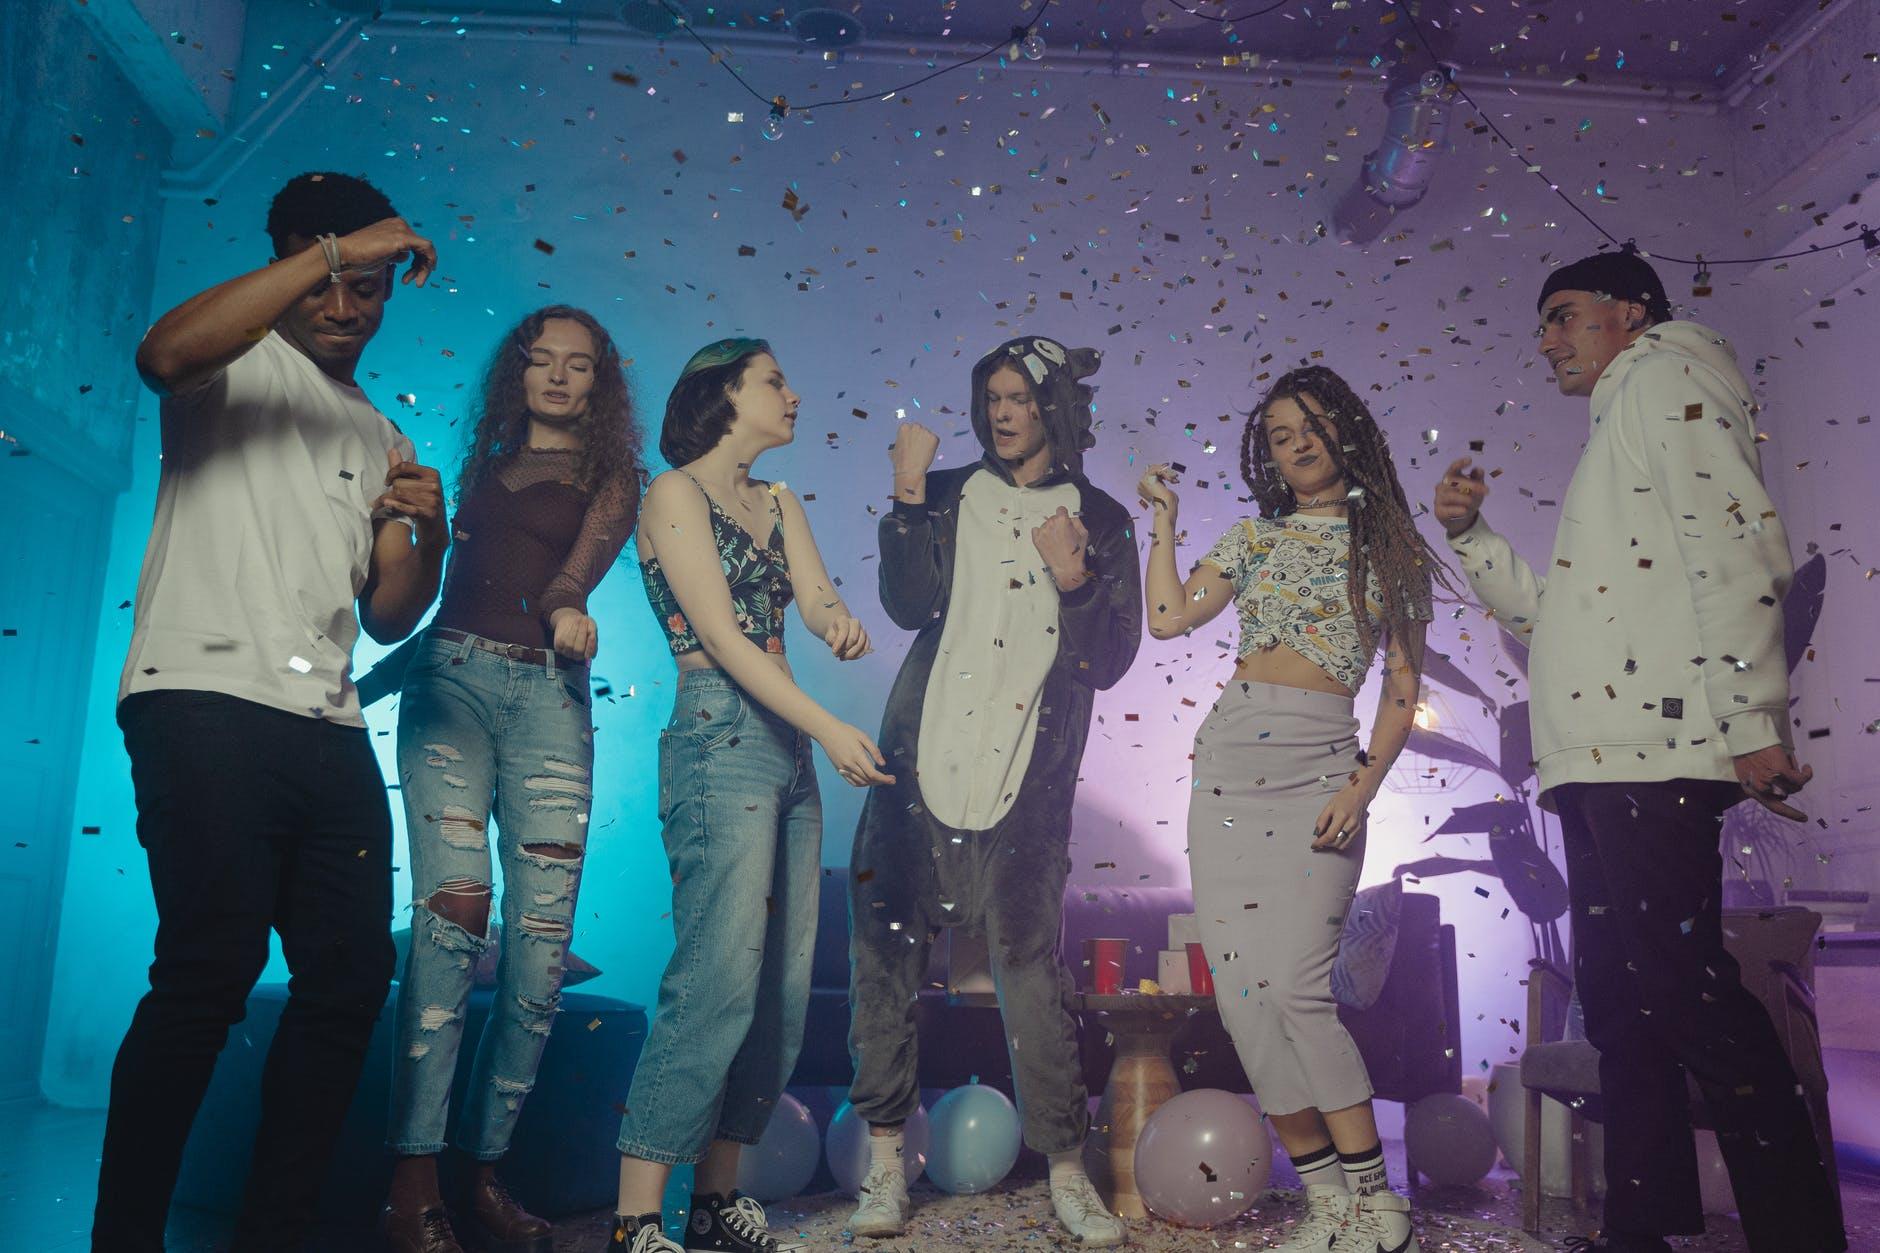 Des personnes dansant en soirée